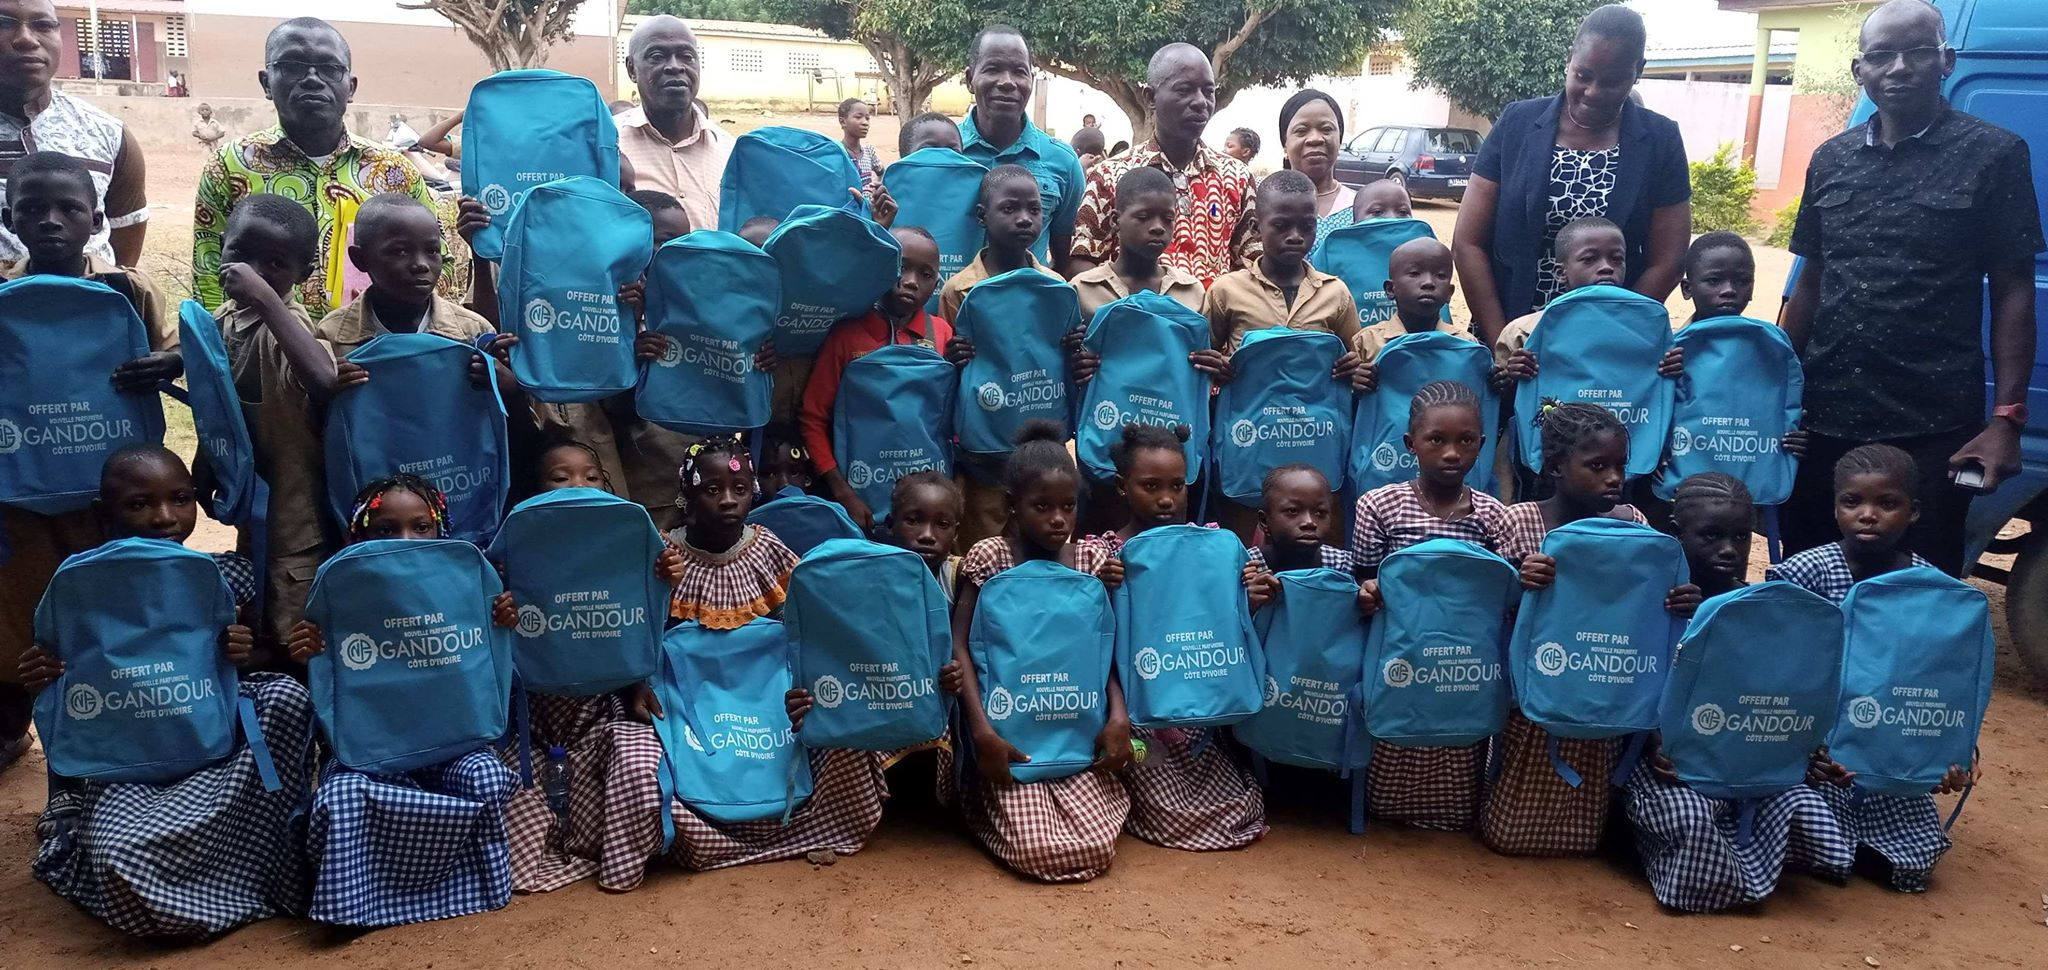 Nouvelle parfumerie Gandour,distribution de kits scolaires,Yamoussoukro